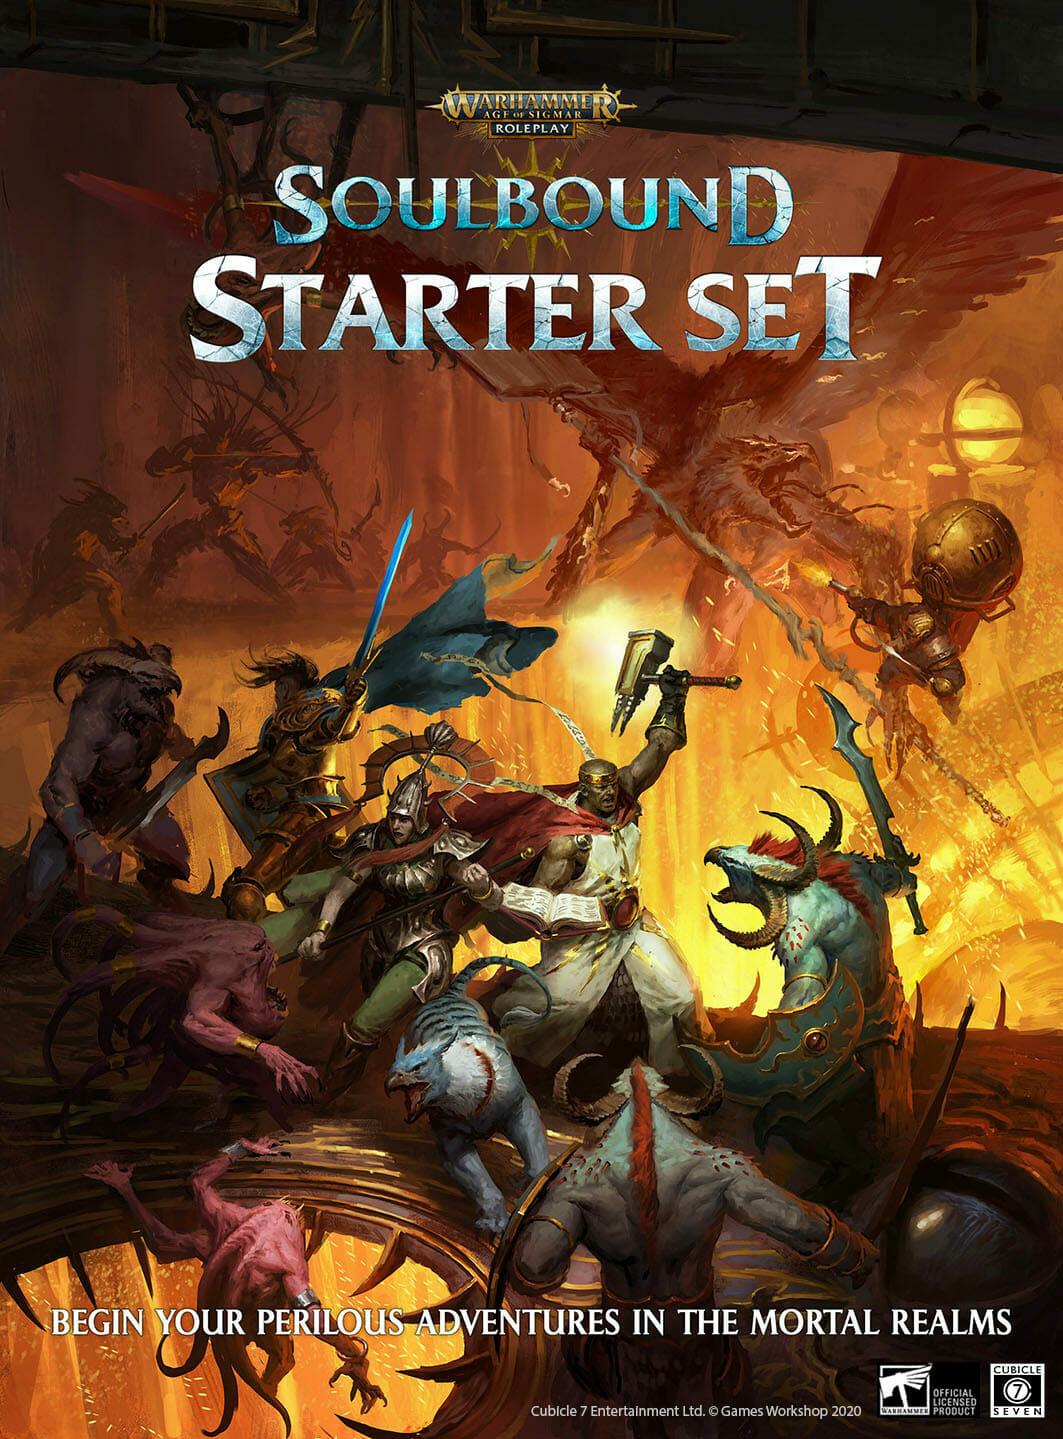 Soulbound Starter set